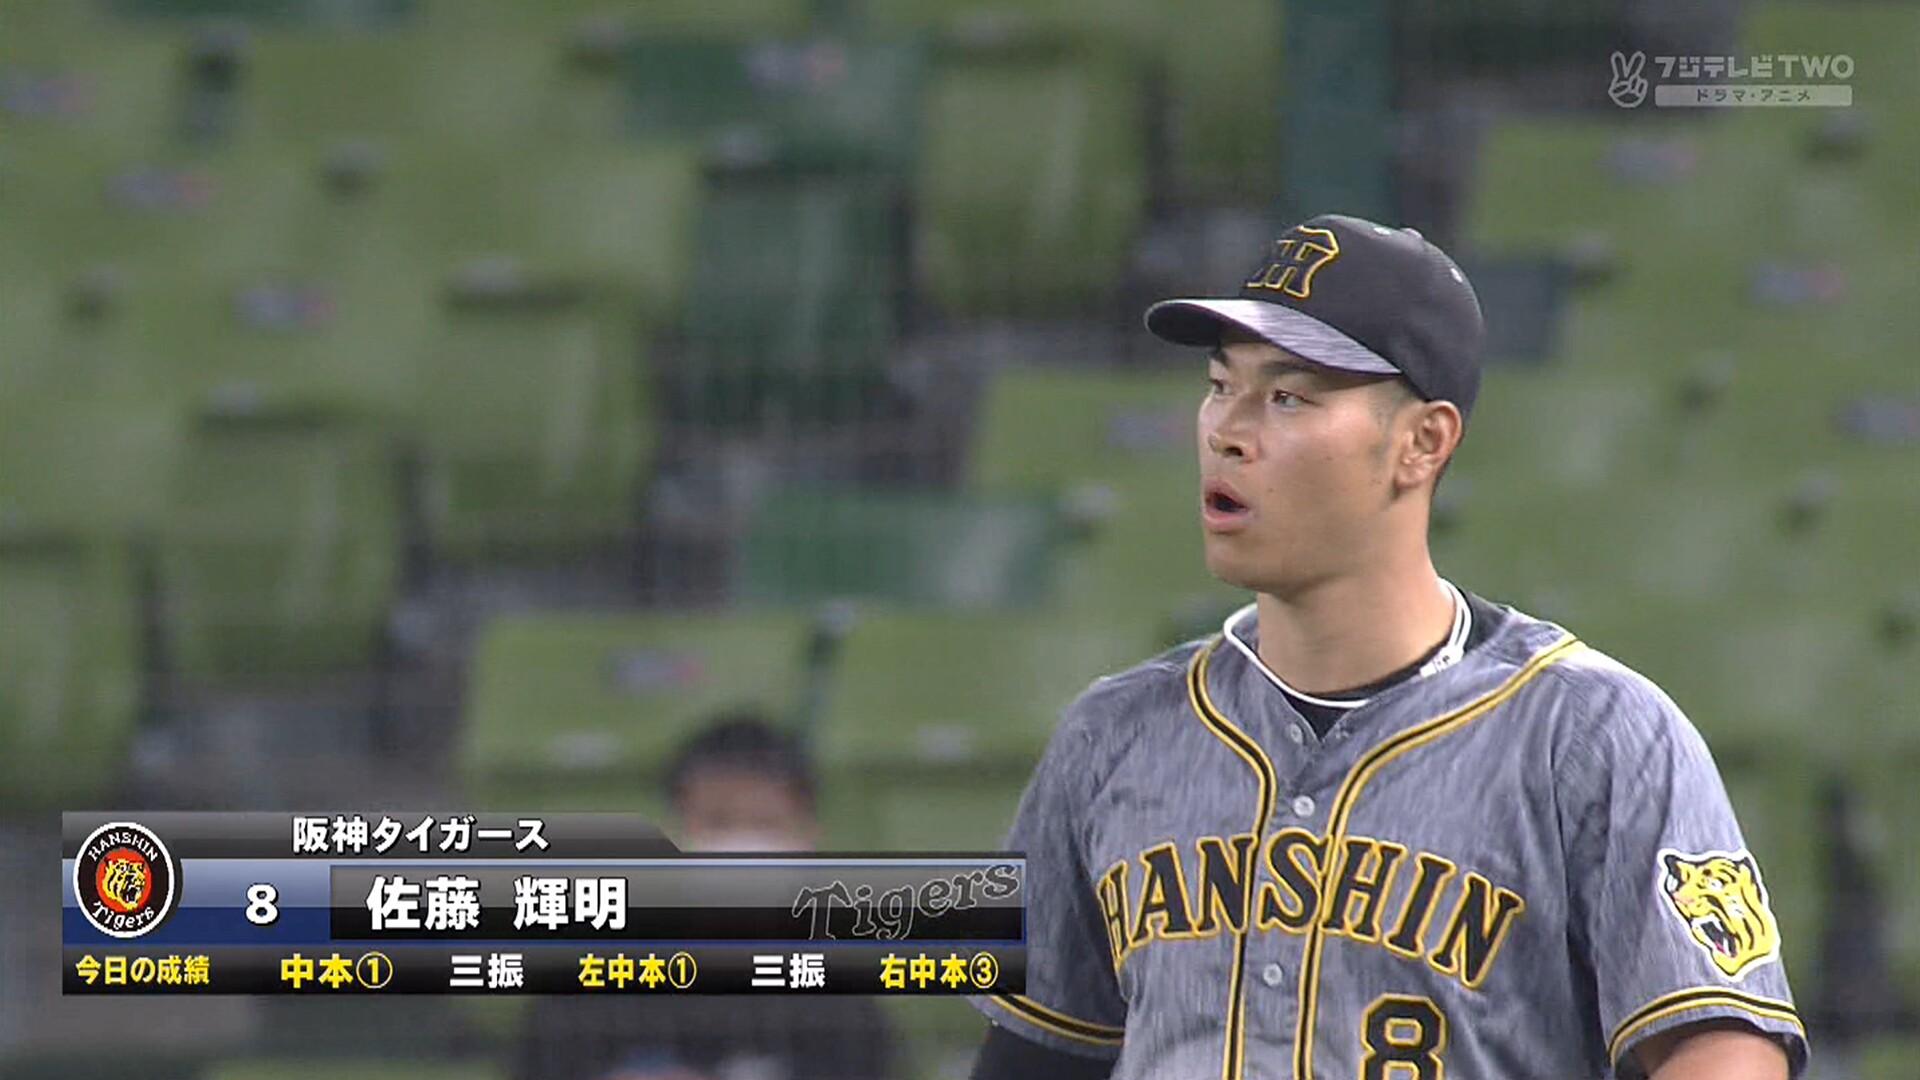 佐藤輝明、1試合3ホームラン!!! セ新人では長嶋茂雄さん以来の快挙